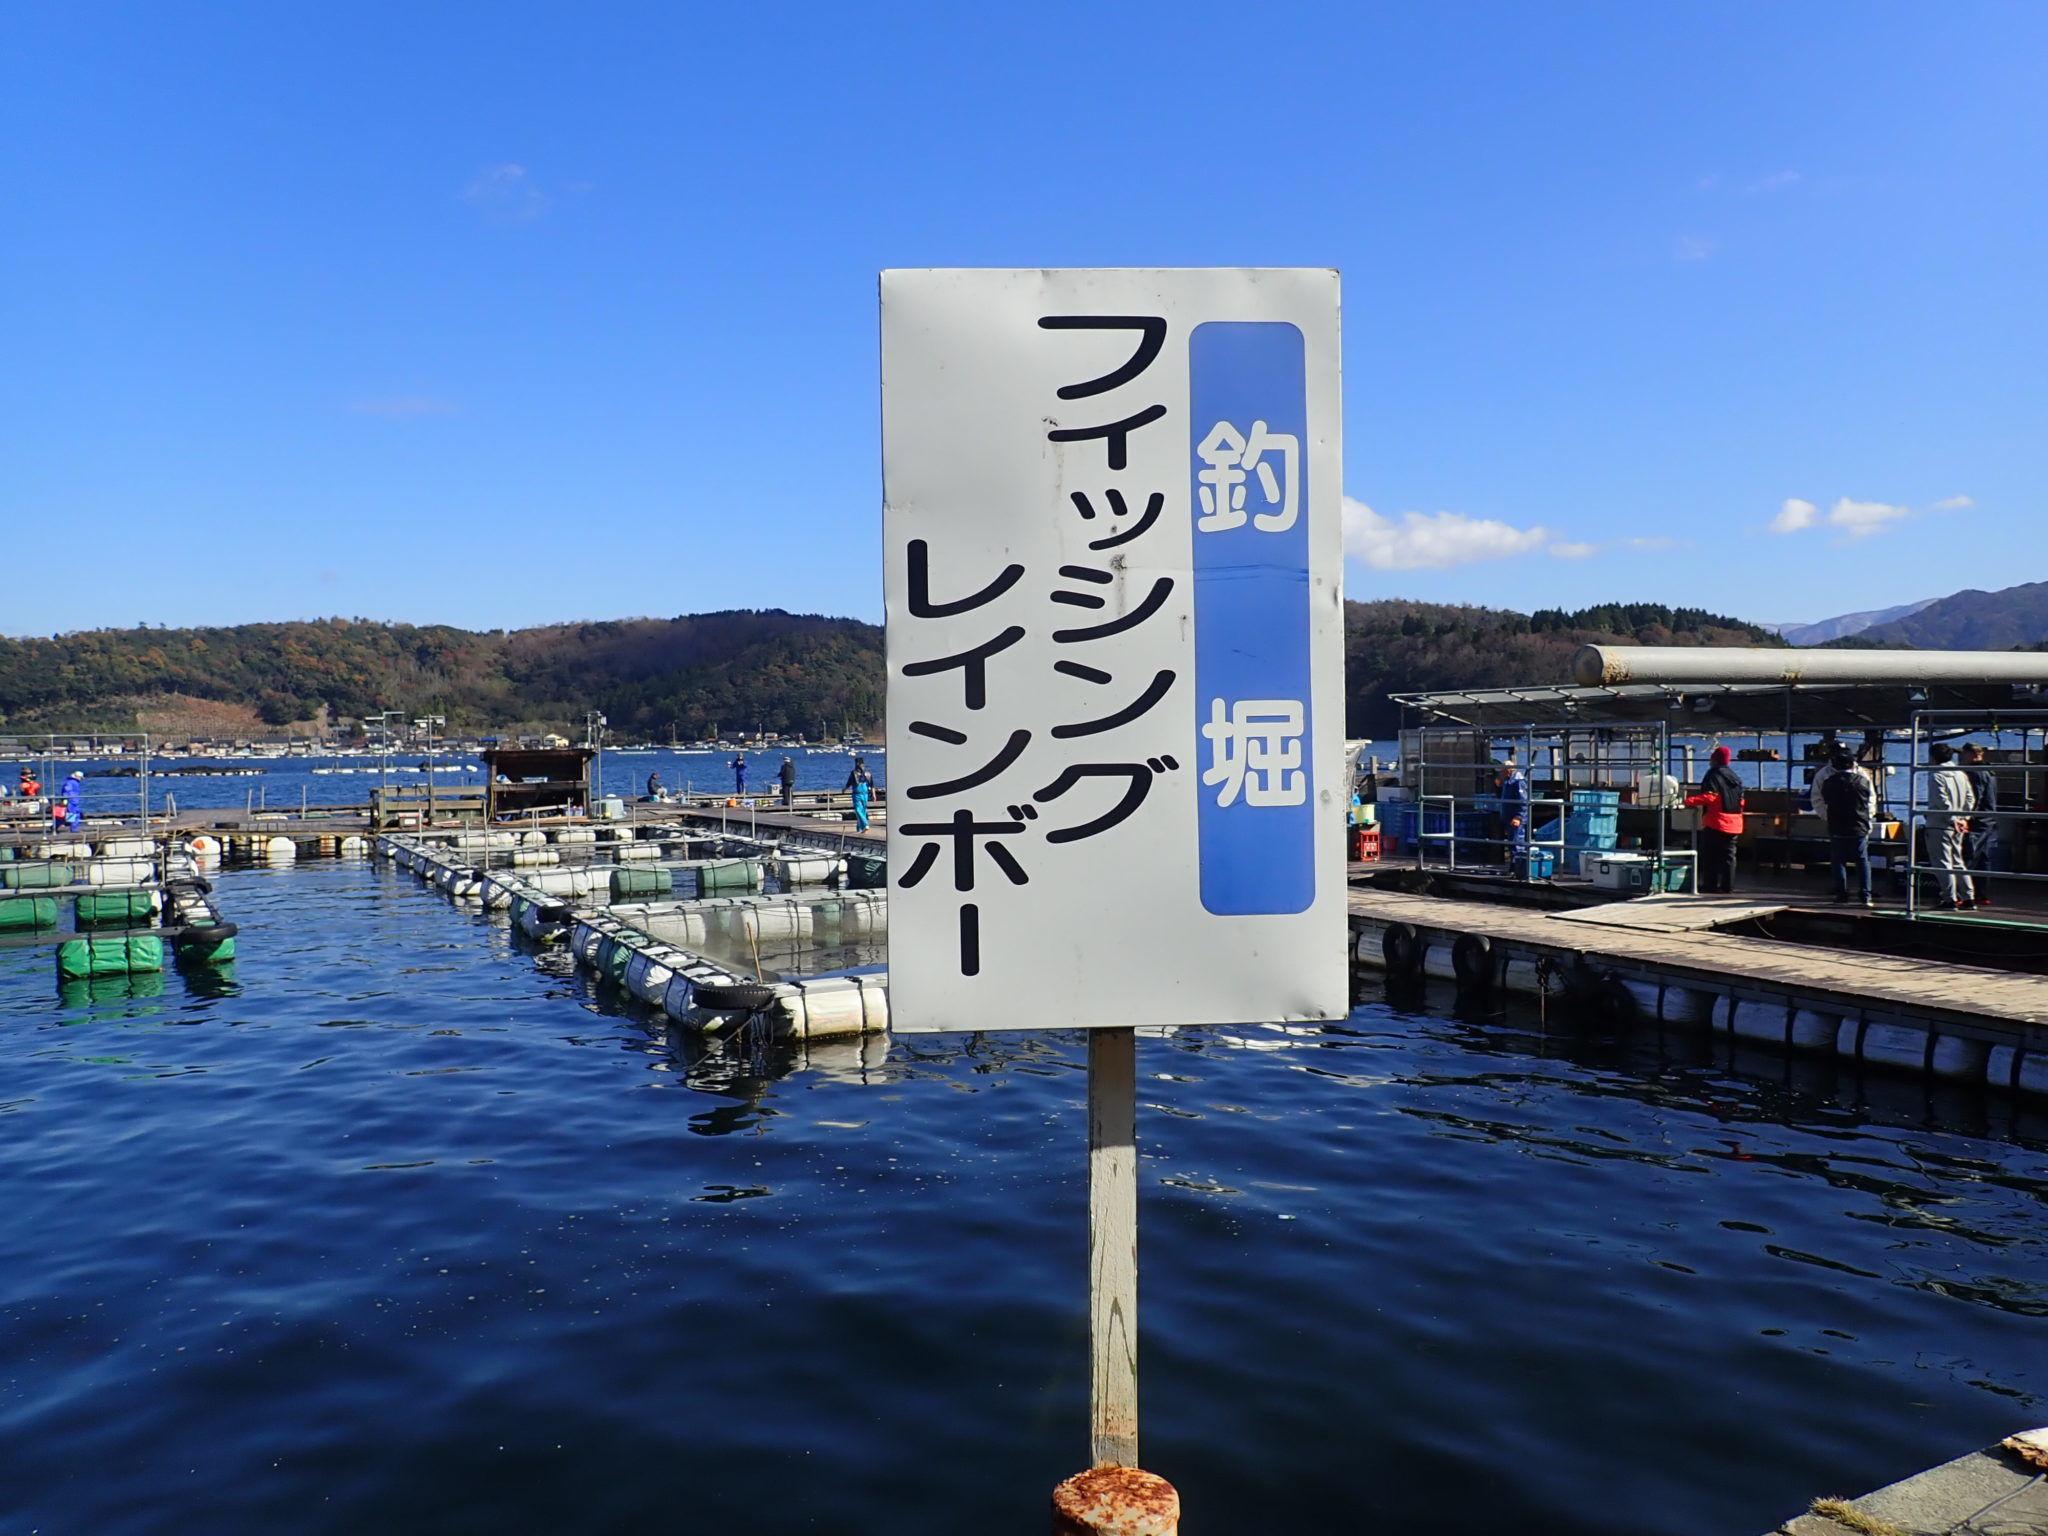 福井の釣り堀フィッシングレインボーの詳細と数釣りするコツ